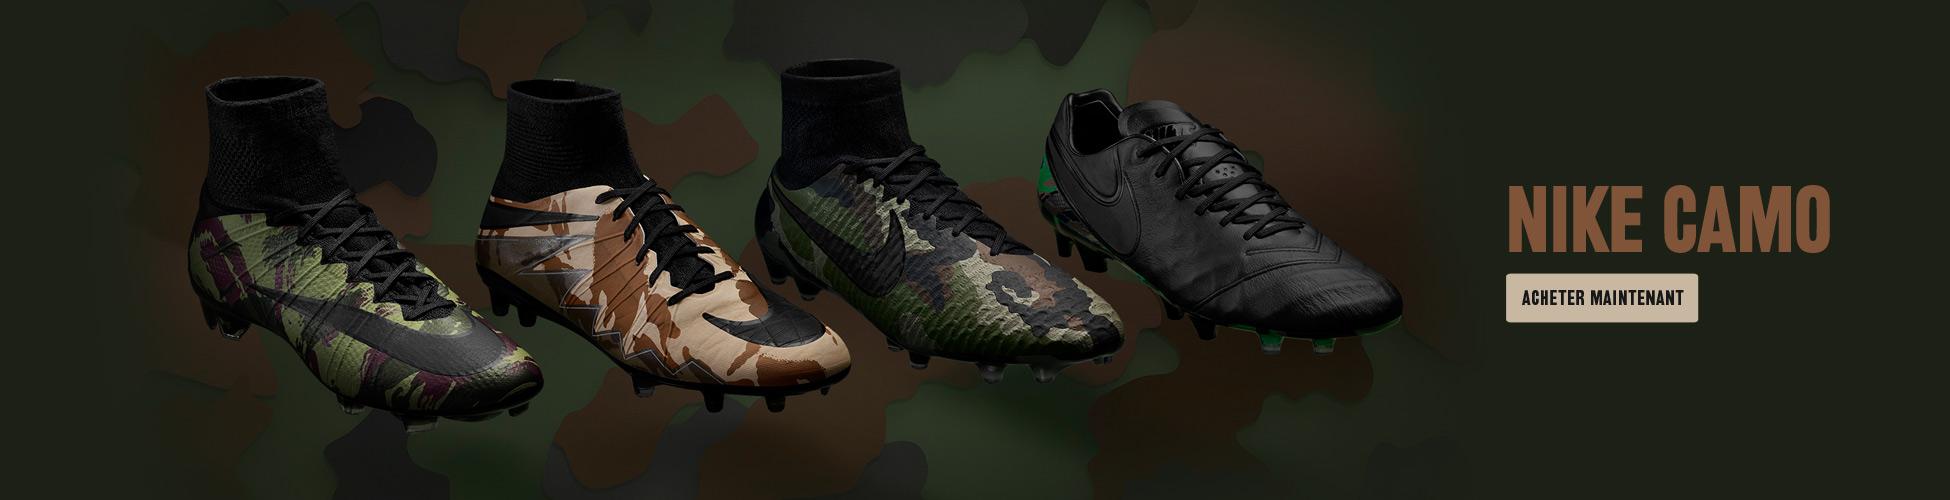 Botas Nike Camo Pack FR